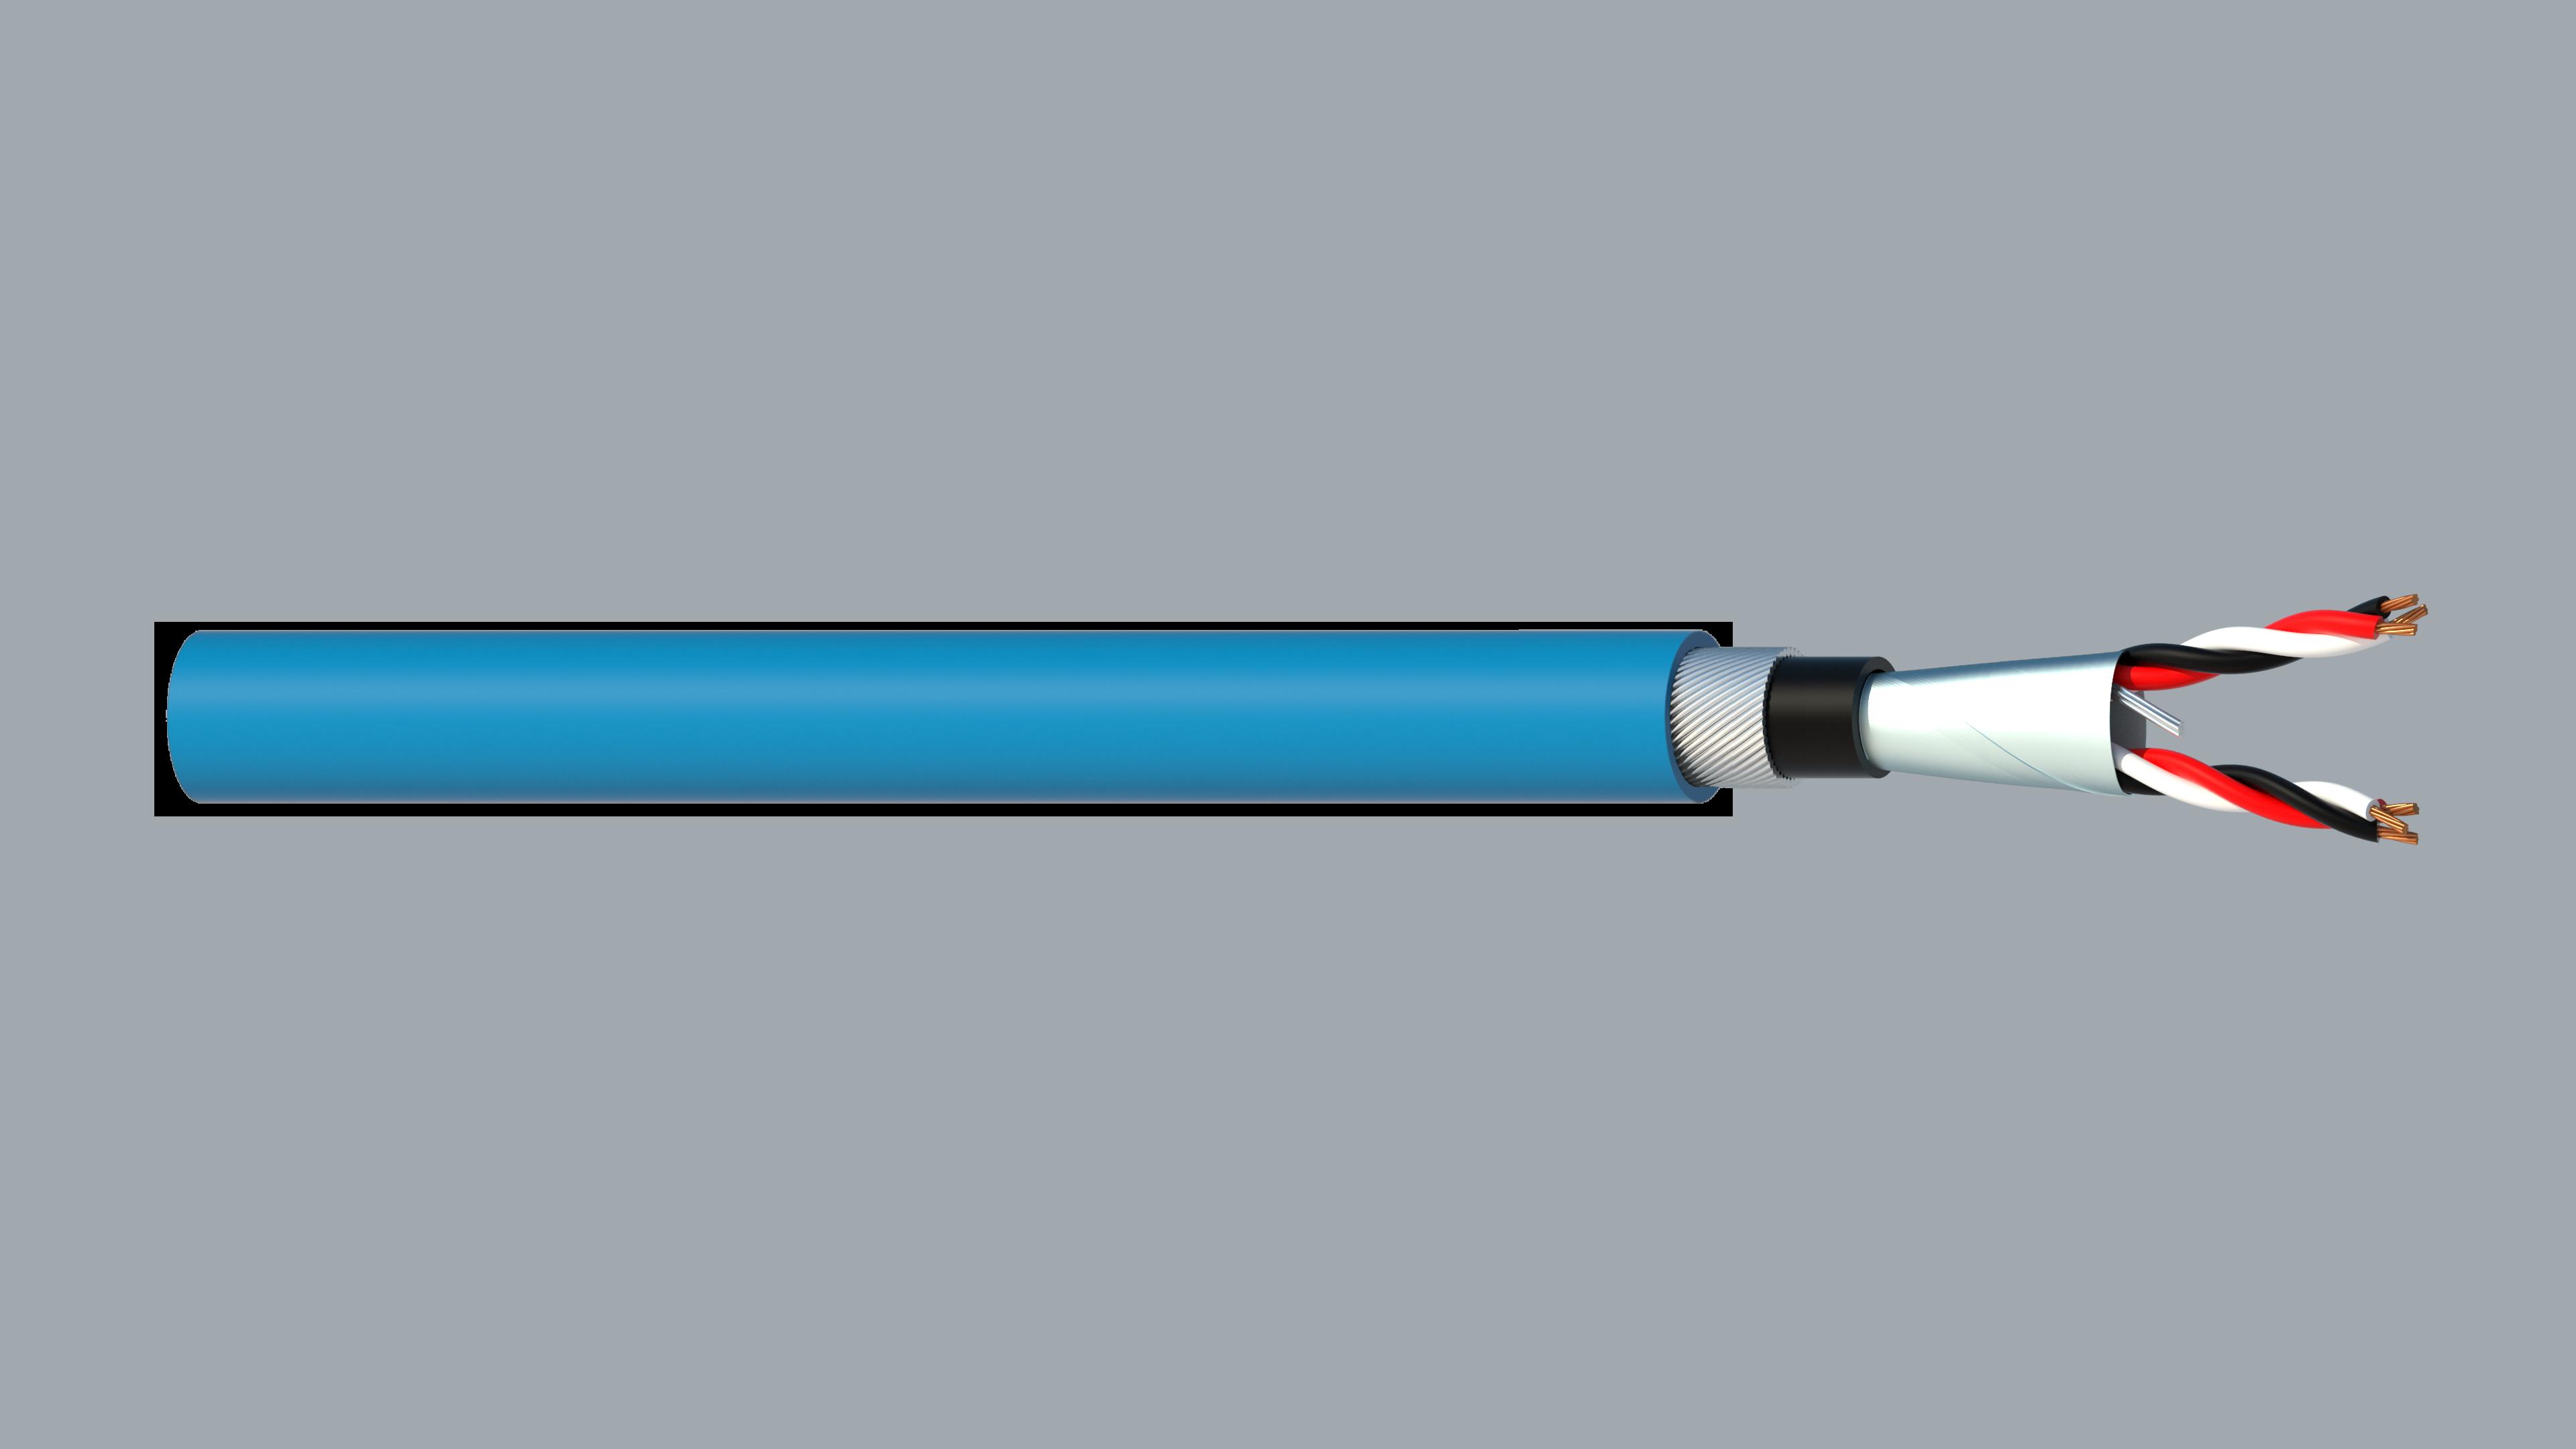 2 Triad 1.5mm2 Cu/PVC/OS/PVC/SWA/PVC Maser Instrumentation Cable - Blue Sheath